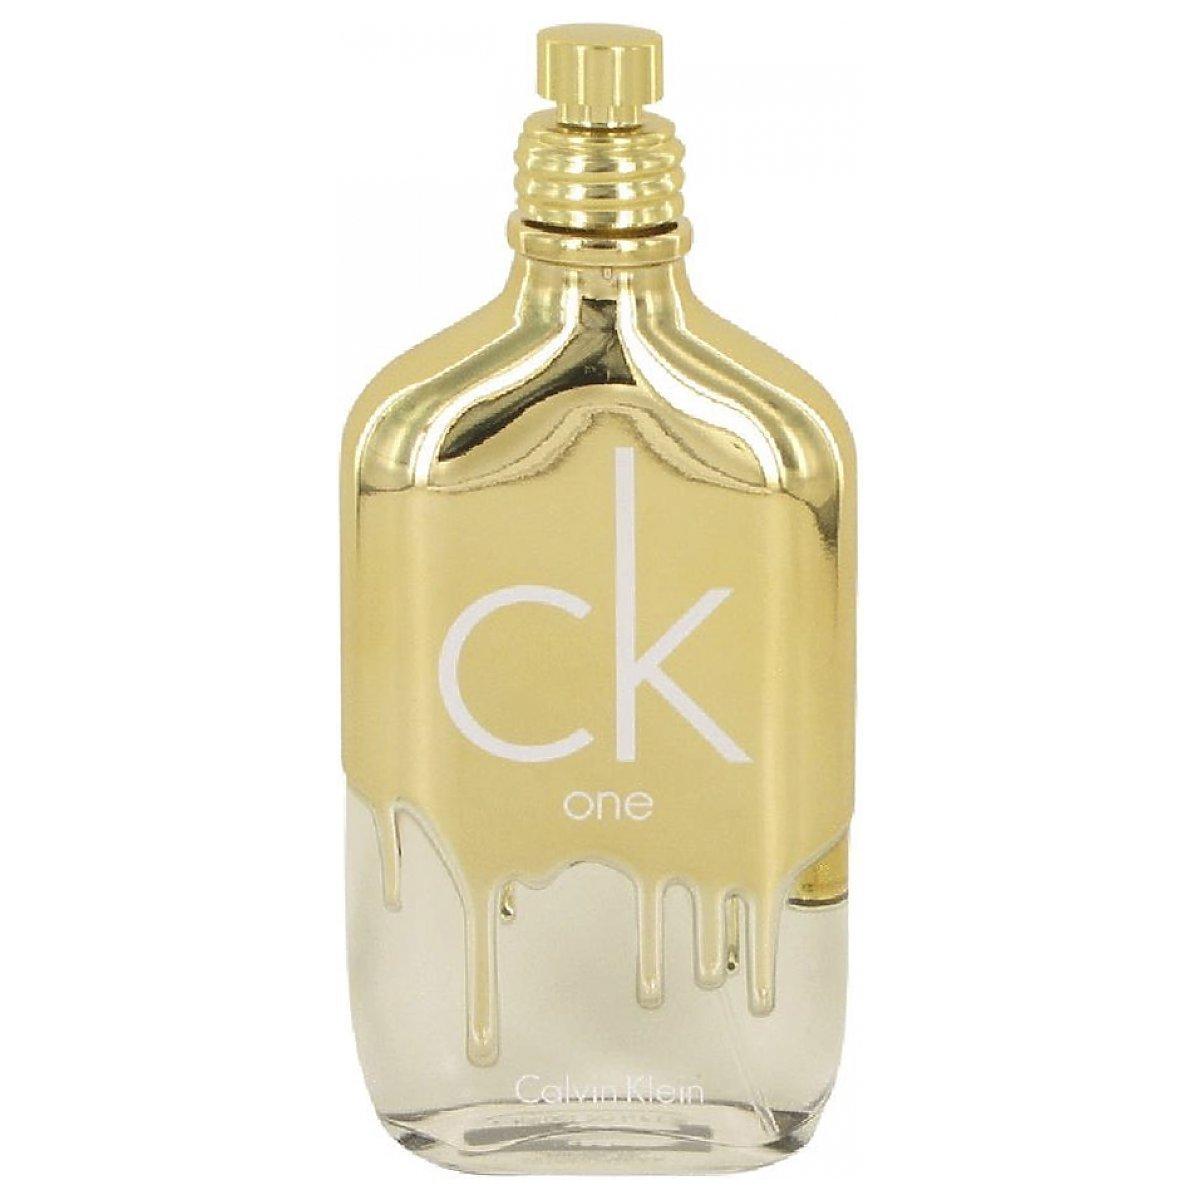 ed5b71266 Calvin Klein CK One Gold Woda toaletowa spray 100ml - Perfumeria ...